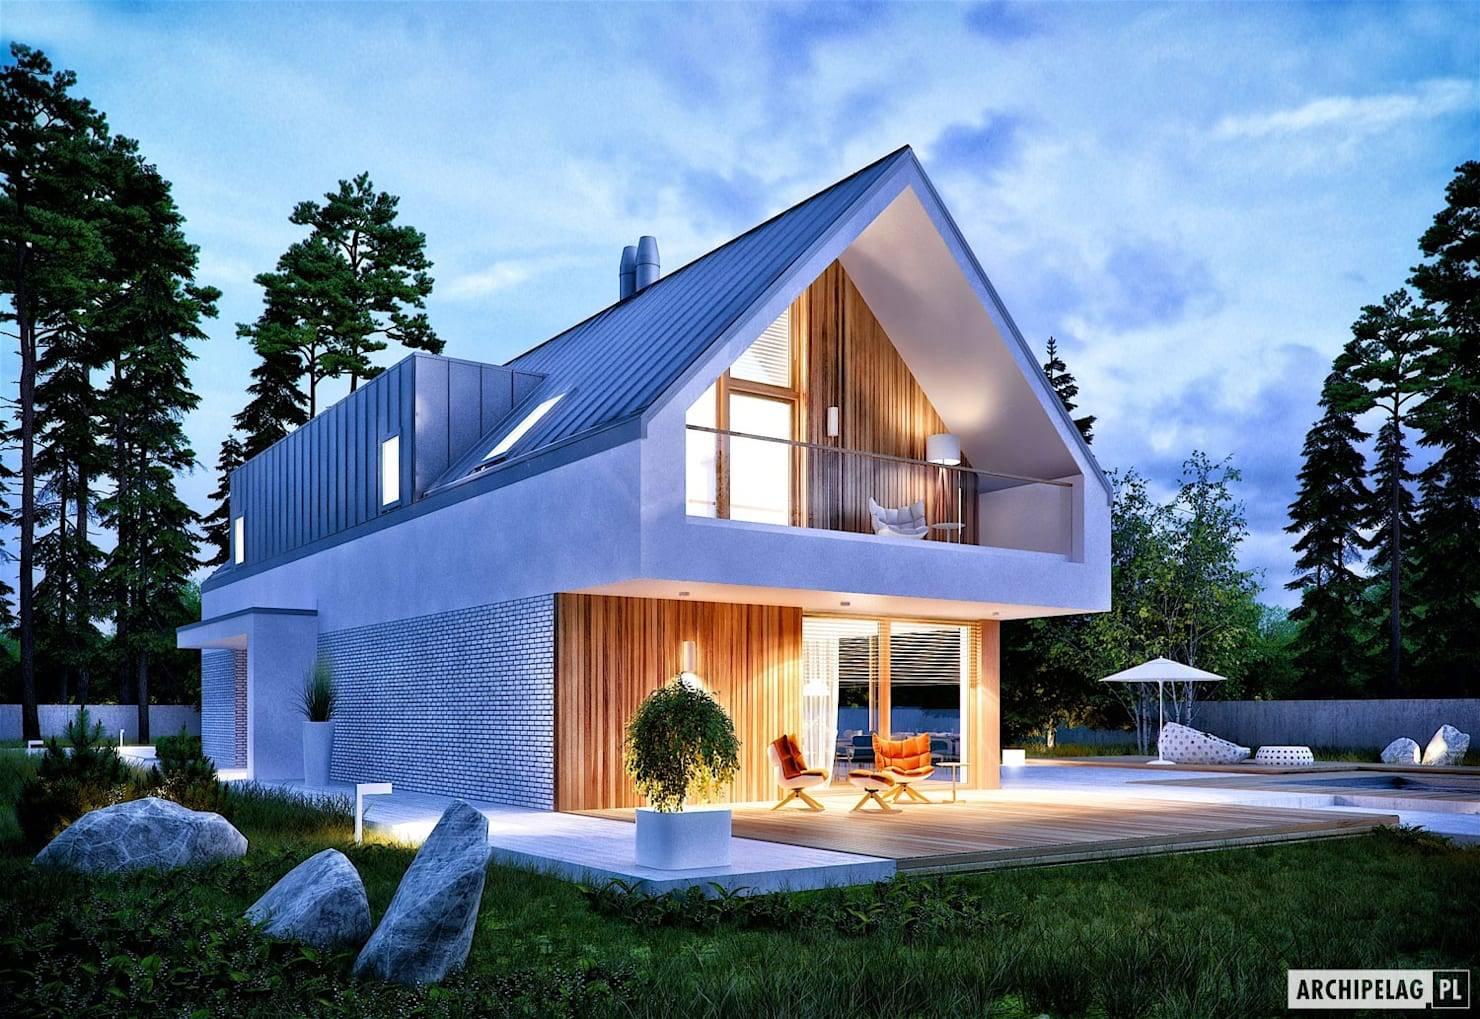 Польские одноэтажные проекты домов с. особенности проектирования польских домов и коттеджей